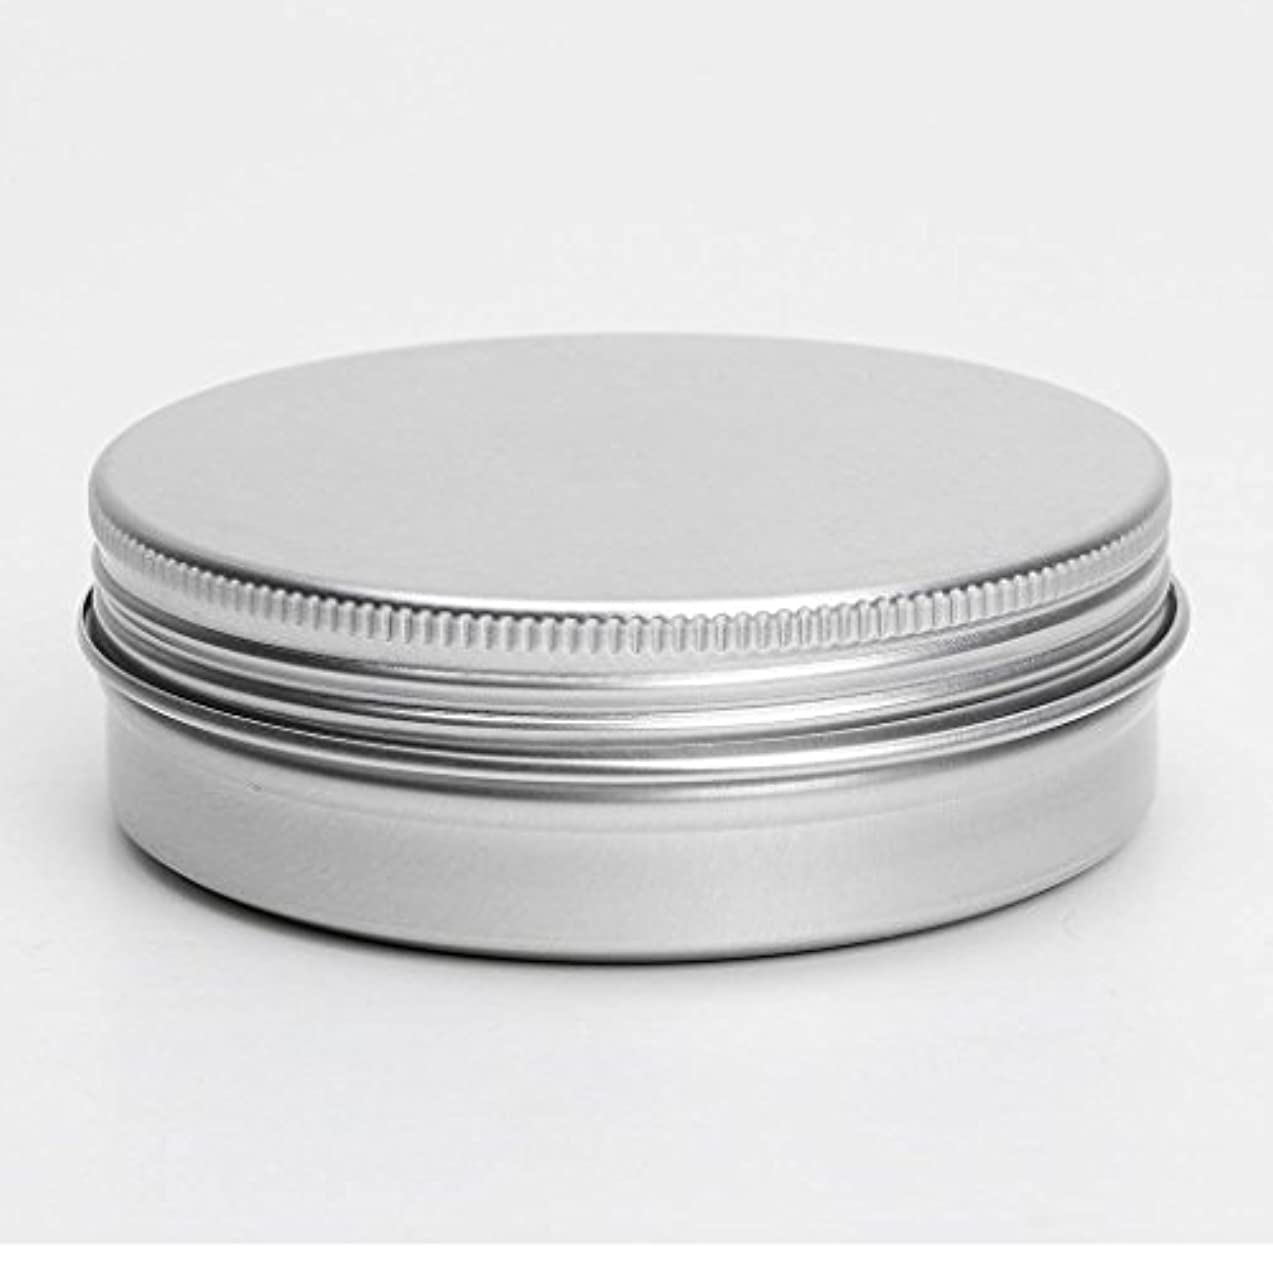 悪用男らしい非難するSODIAL(R) 50 x空の化粧品のポット リップクリームのアルミの瓶 容器 ネジキャップ 150ml